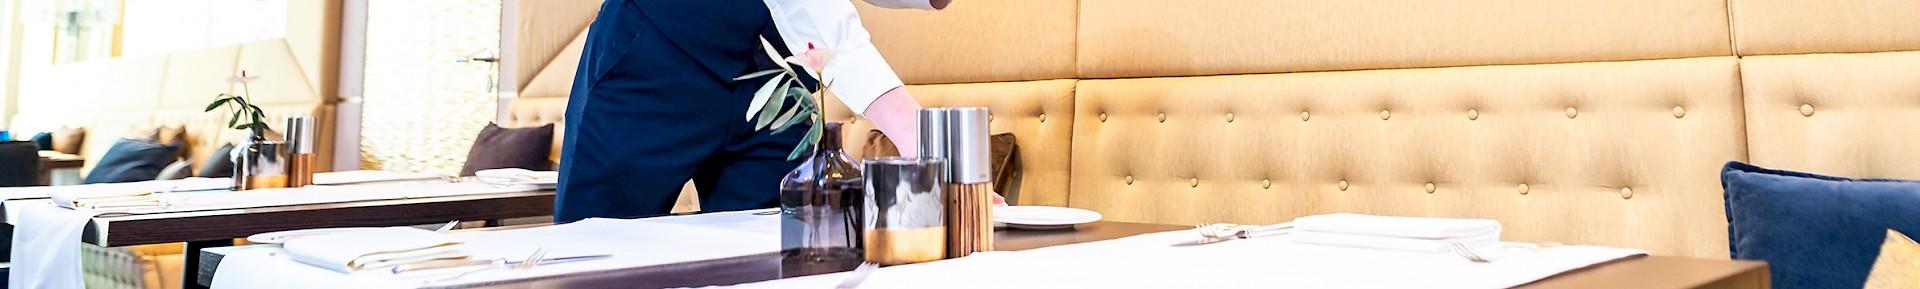 Das Gebriel's ist ein empfehlenswertes Restaurant am Bahnhof Münster